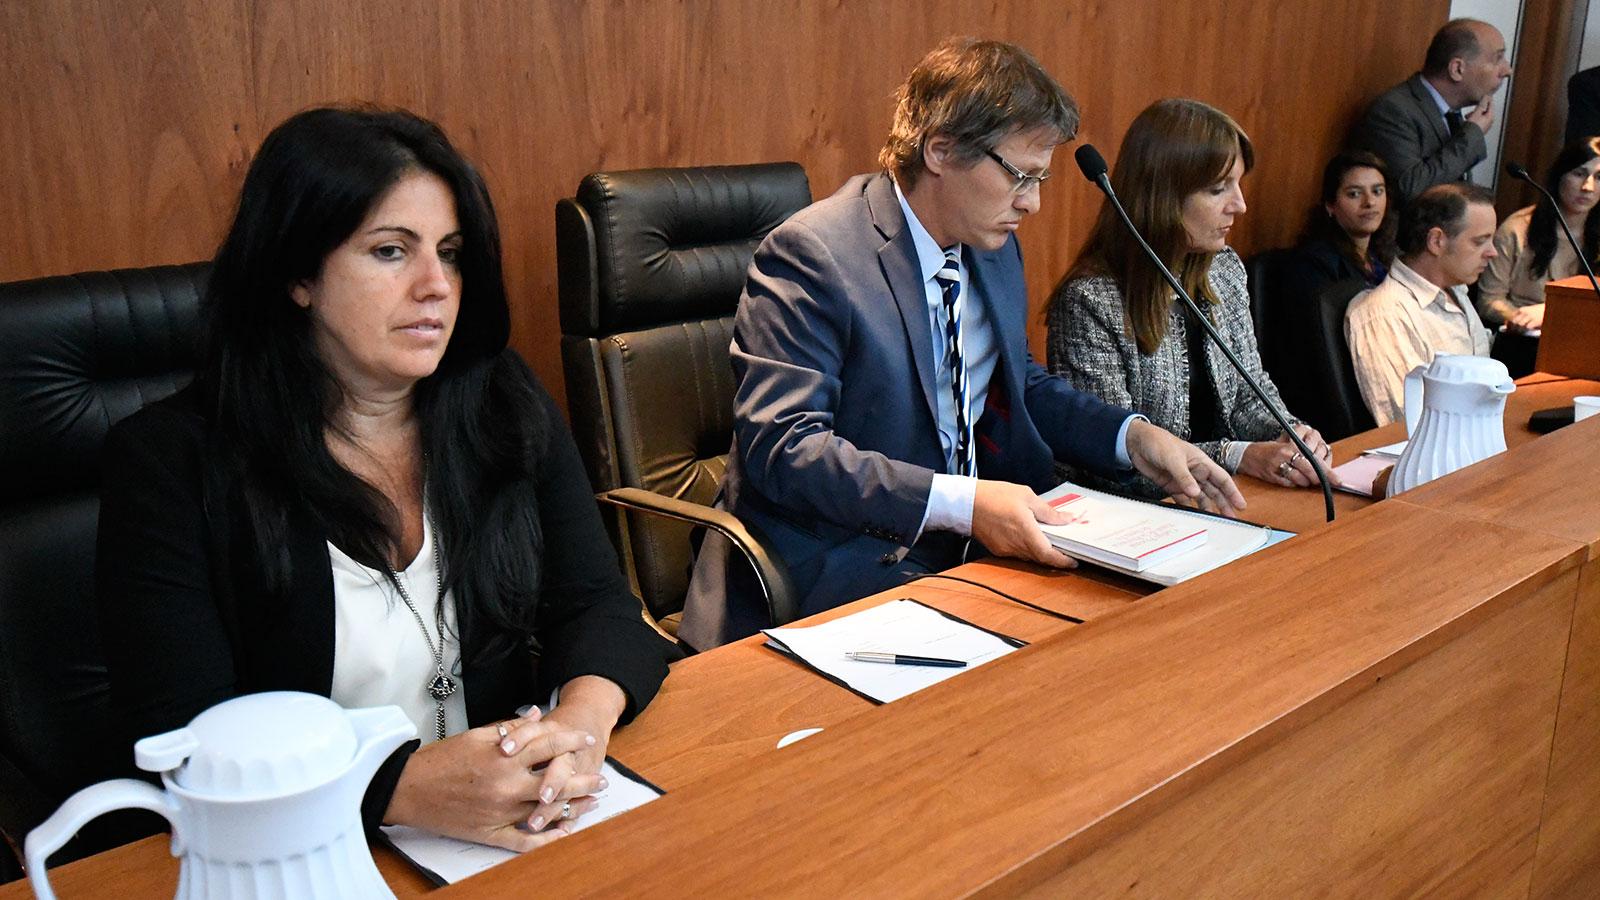 Los jueces y una medida que trajo polémica (Juan José García)